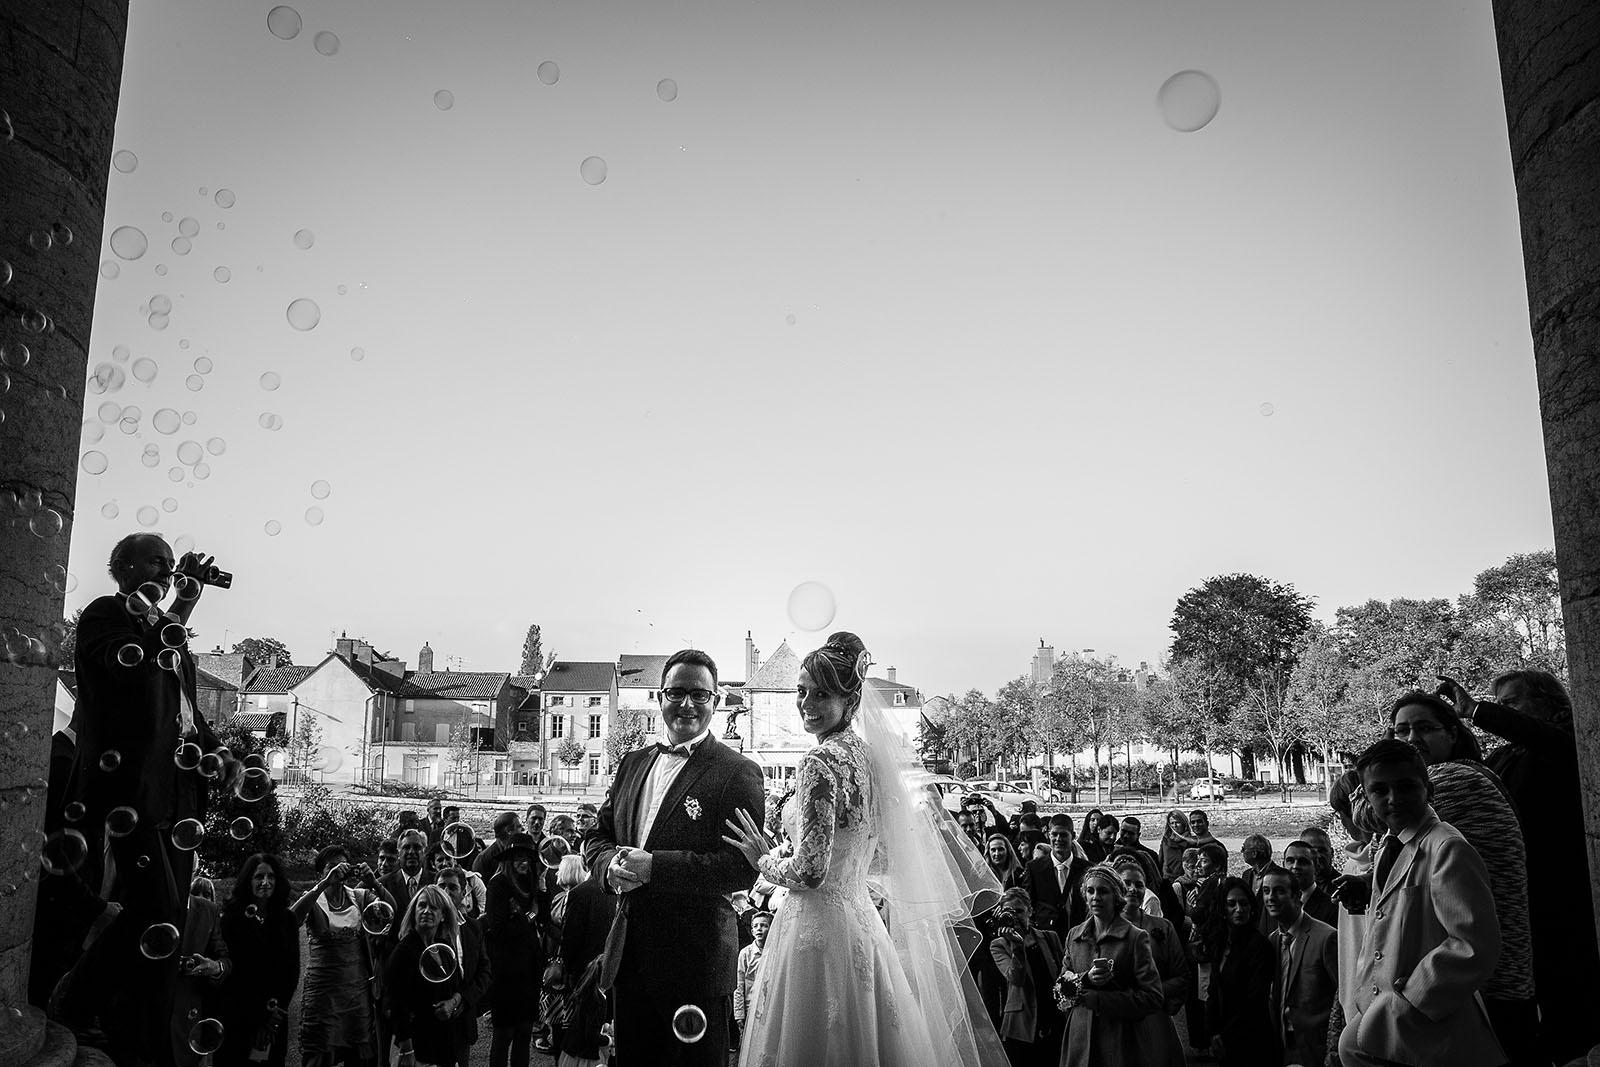 photographe de mariage chalon sur sane photo de la sortie des maris photo - Photographe Mariage Chalon Sur Saone